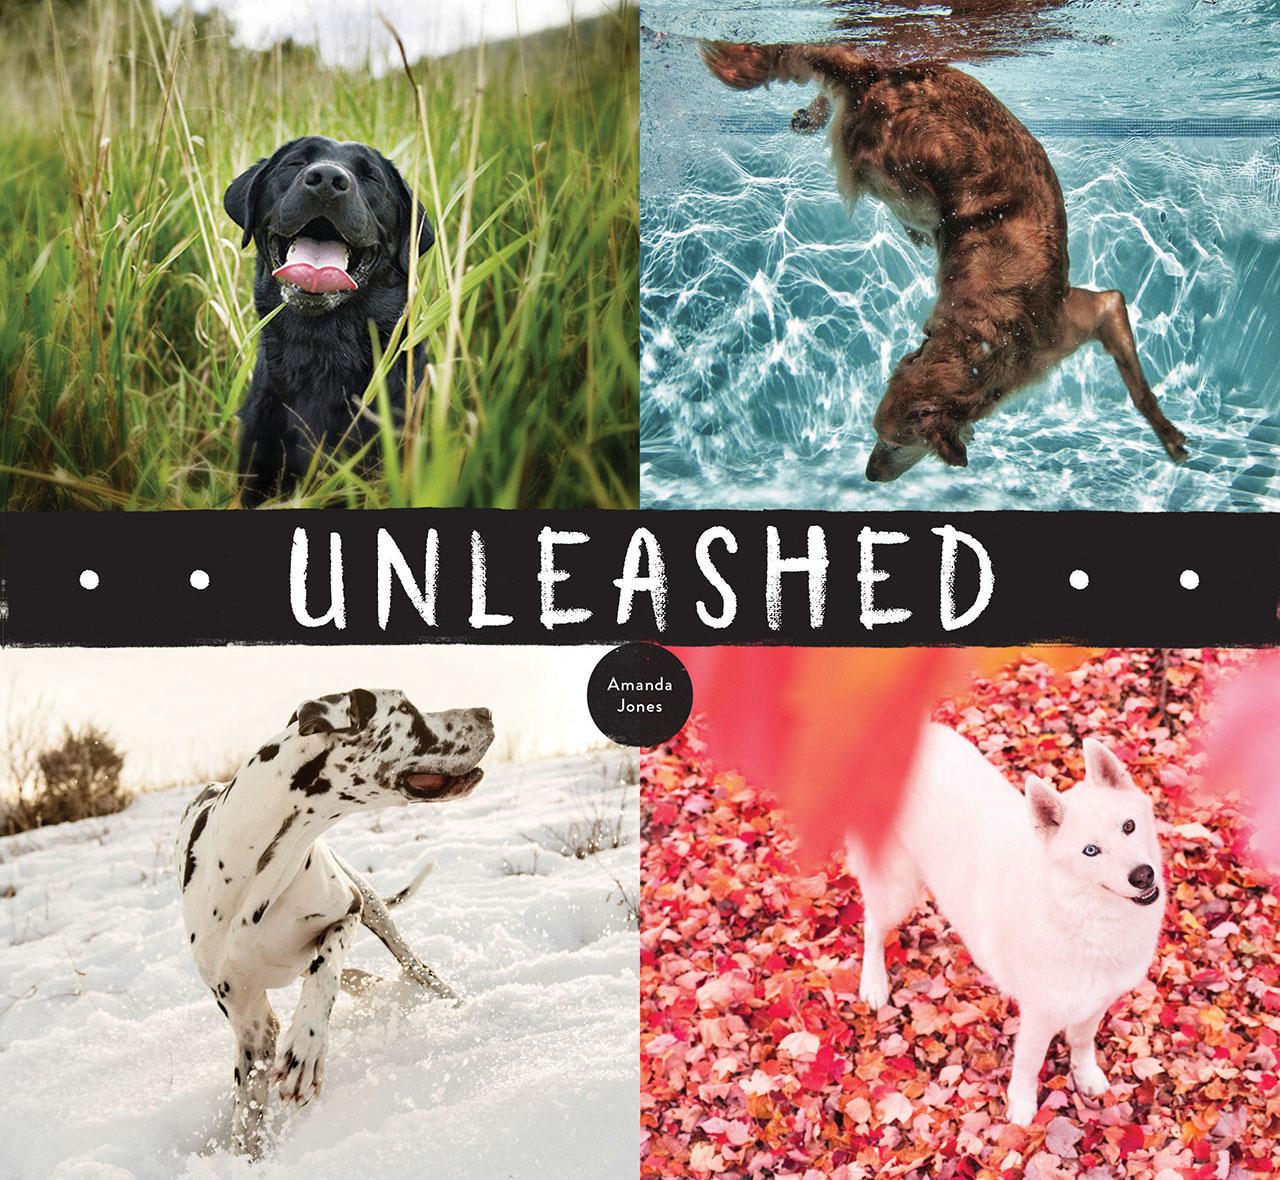 Unleashed, l'ultima raccolta fotografica di Amanda Jones